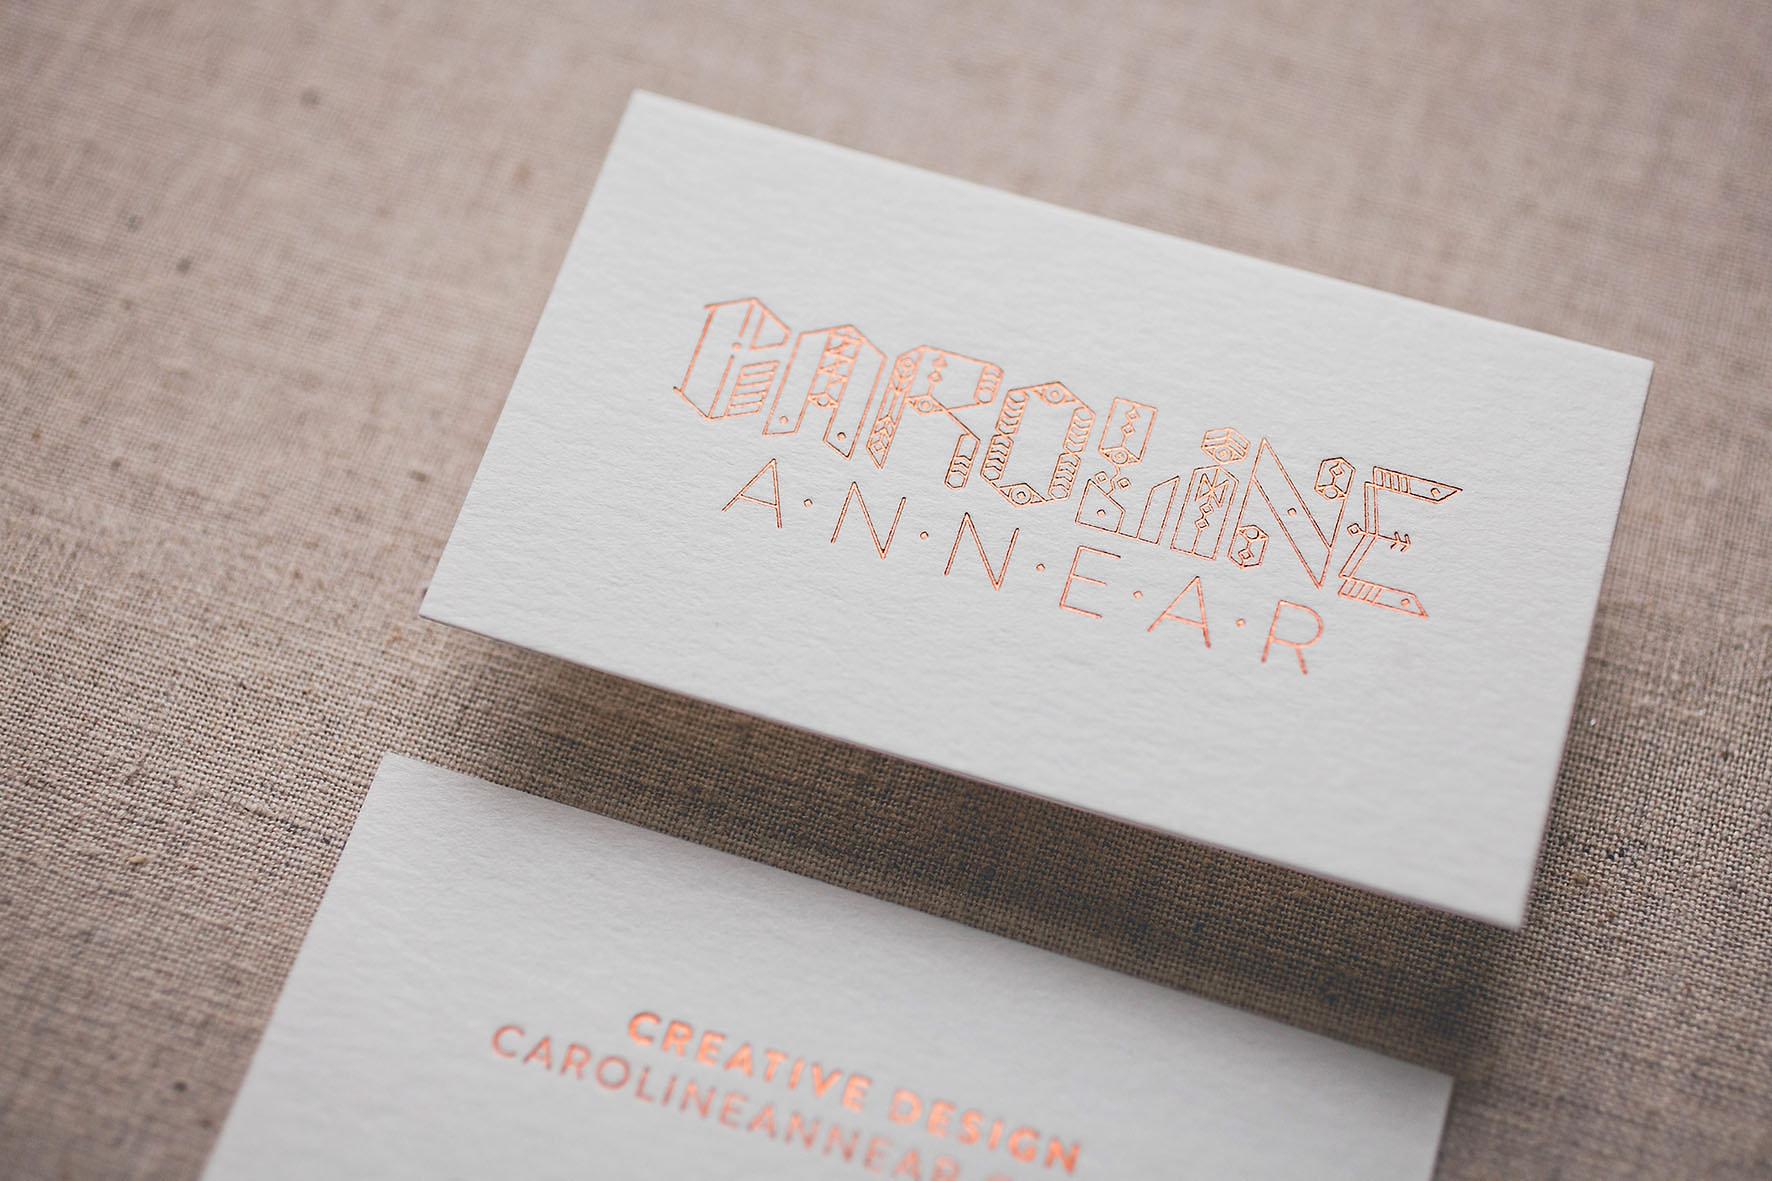 Stitch press 100 foil press business cards 100 foil press business cards colourmoves Images